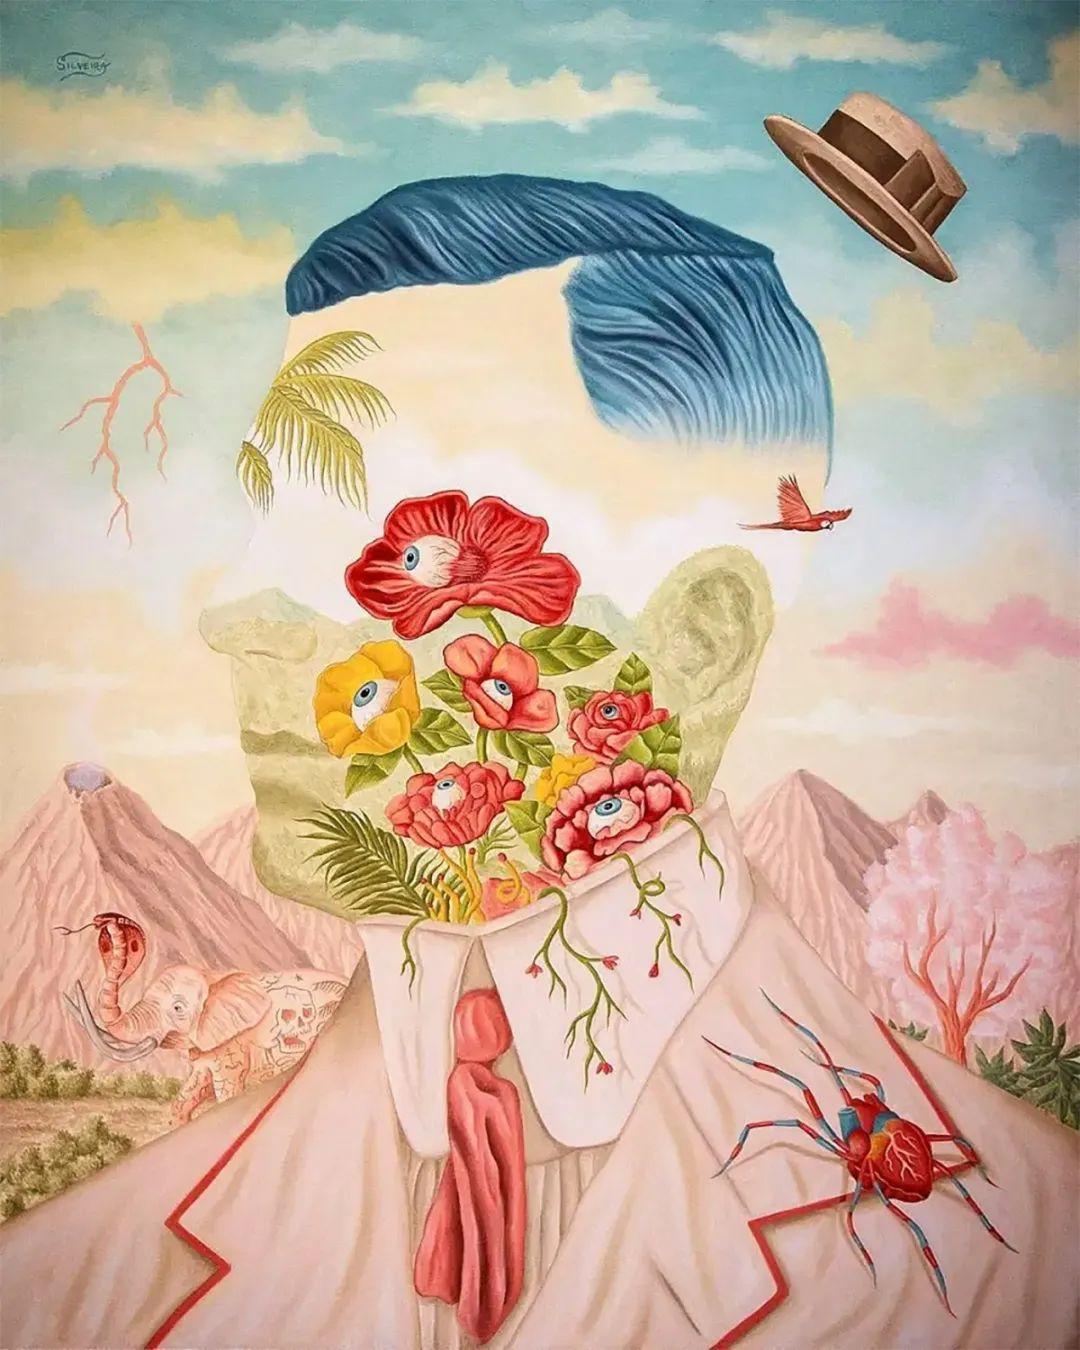 超凡的想象力,Rafael Silveira超现实主义肖像插画插图19